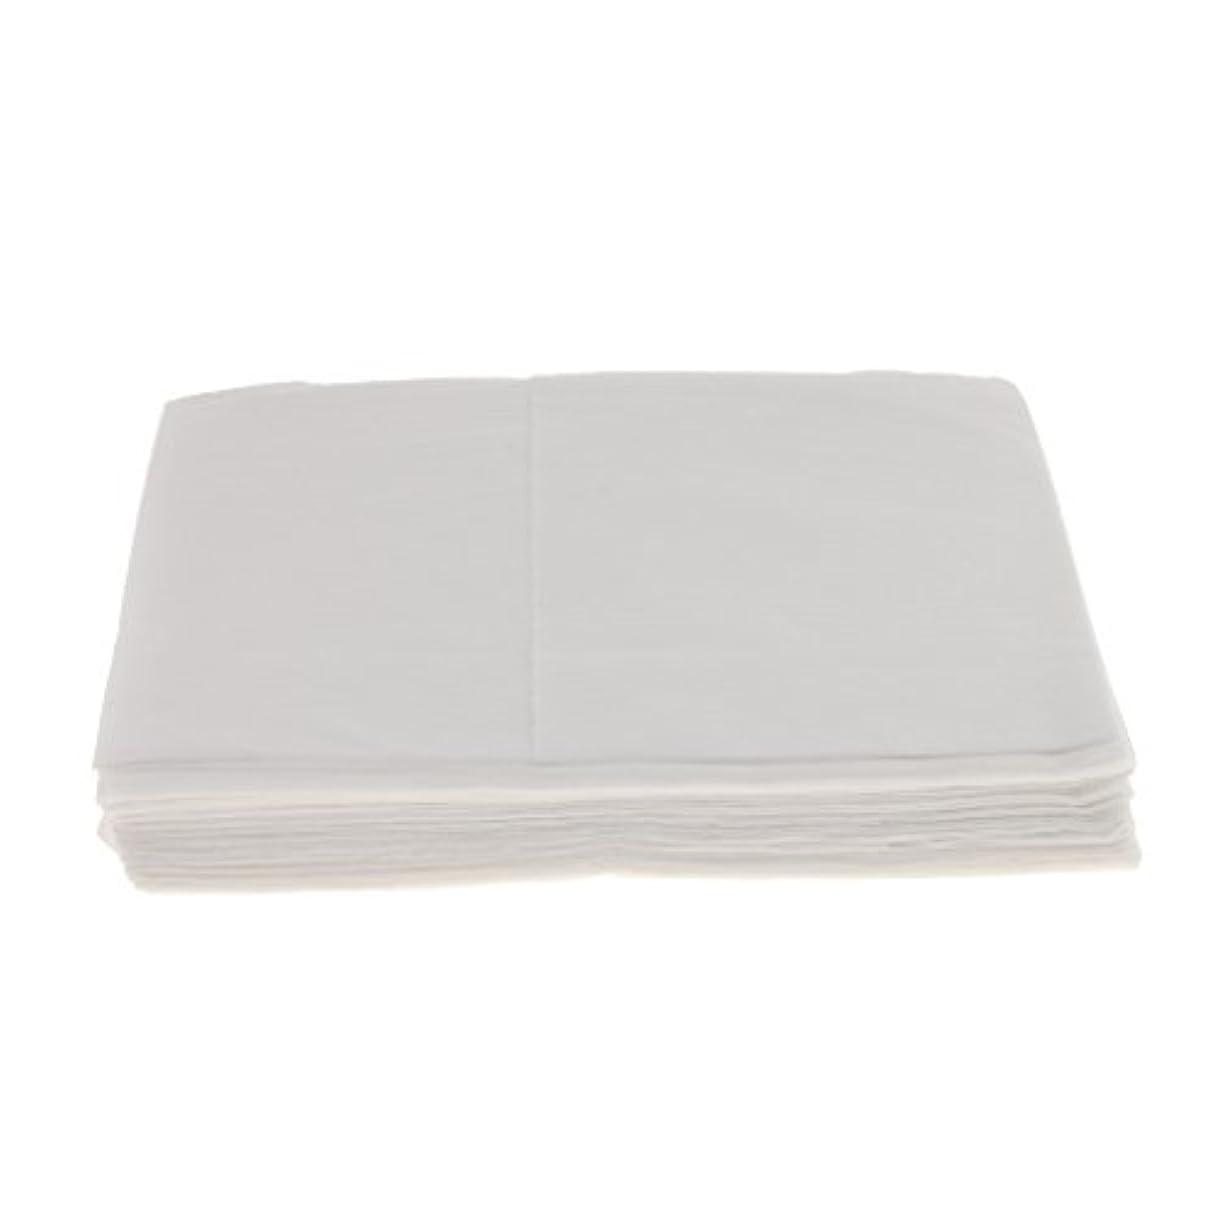 強風虚栄心状態10枚 使い捨て ベッドシーツ サロン ホテル ベッドパッド カバー シート 2色選べ - 白